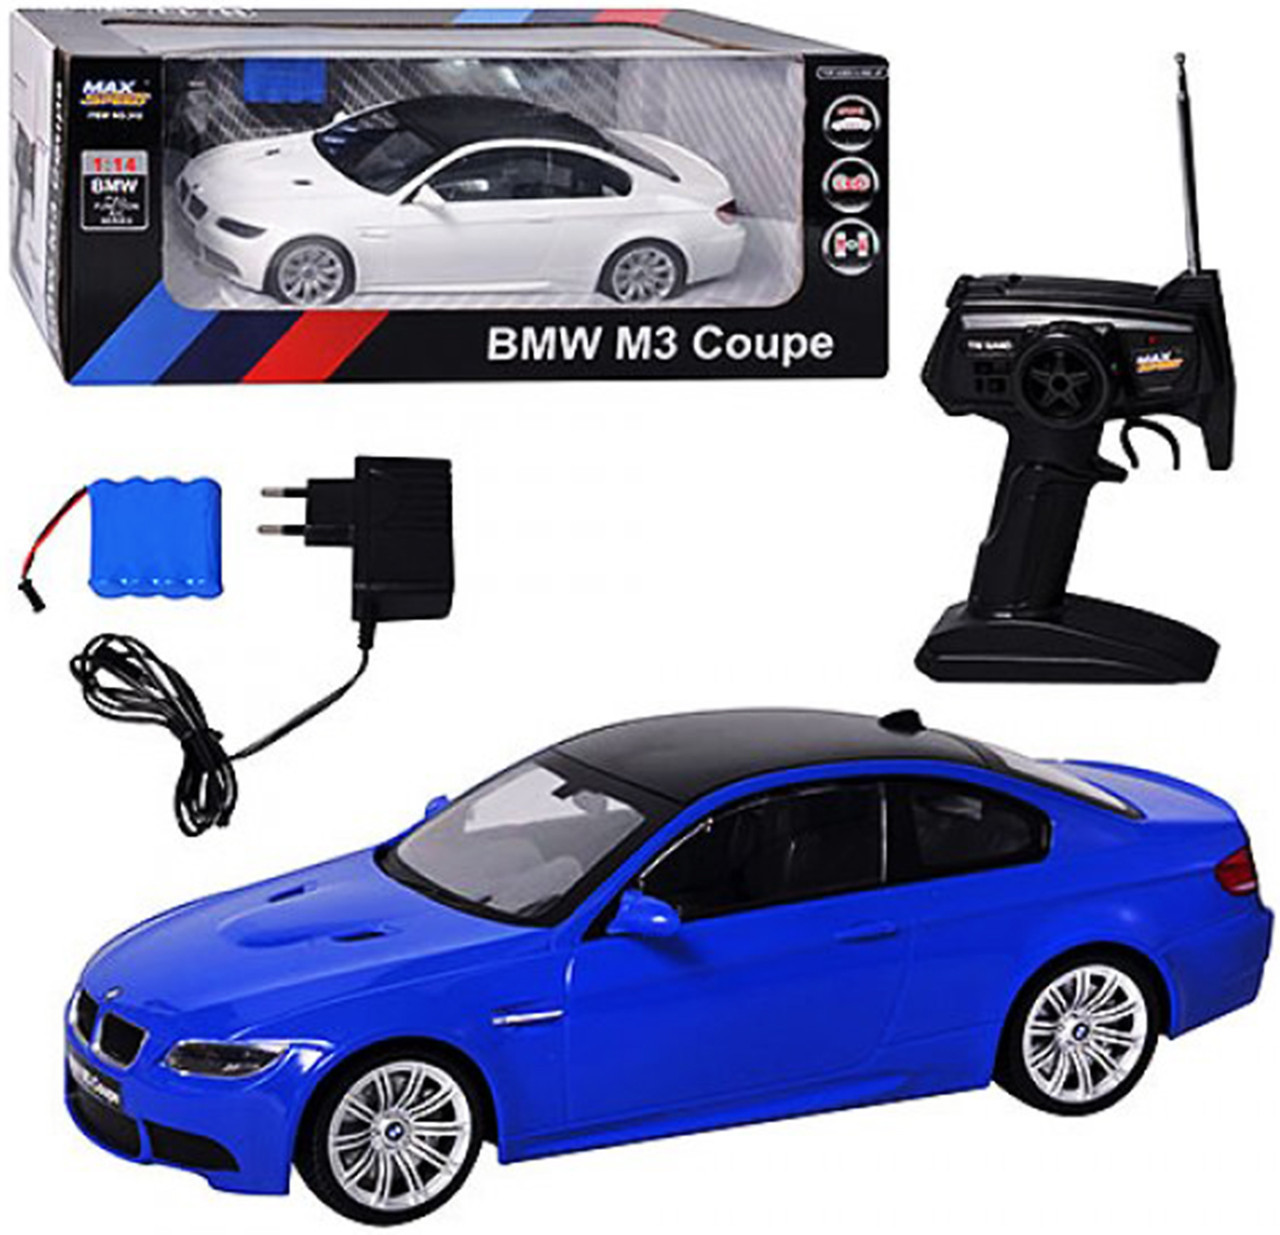 Машина BMW M3 Coupe TG 312 радіокерована, на акумуляторі, в коробці, 47 см (Синя) 1:14